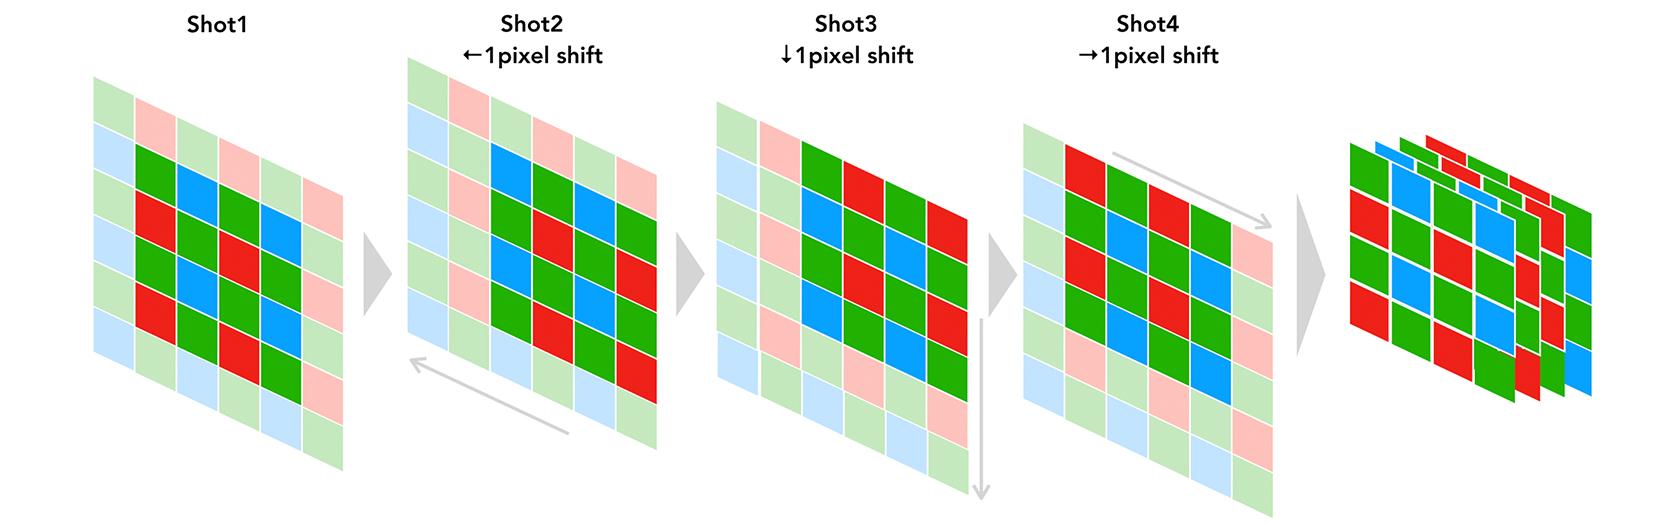 [画像]正確なRGB情報を取得するプロセス